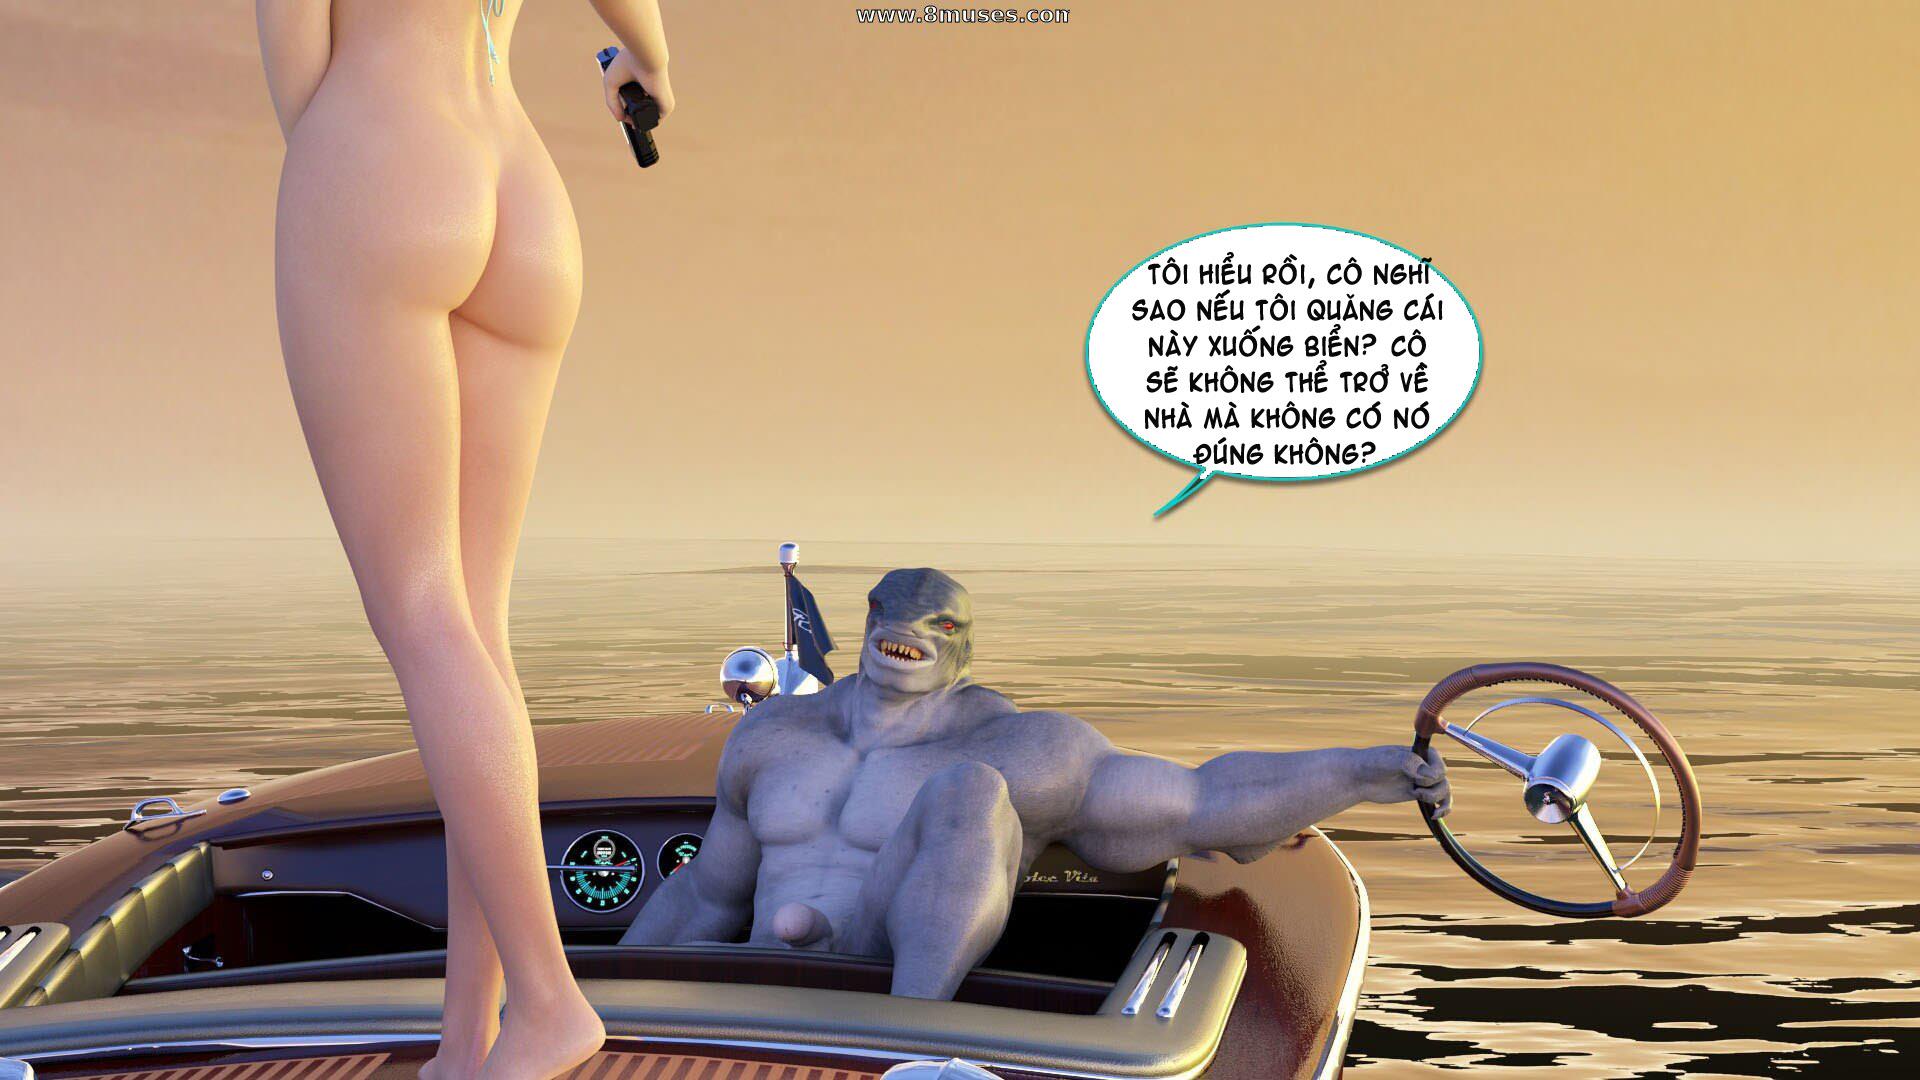 Image 17 in Komik Sex 3G Istri Selingkuh Dengan Rekan Kerja